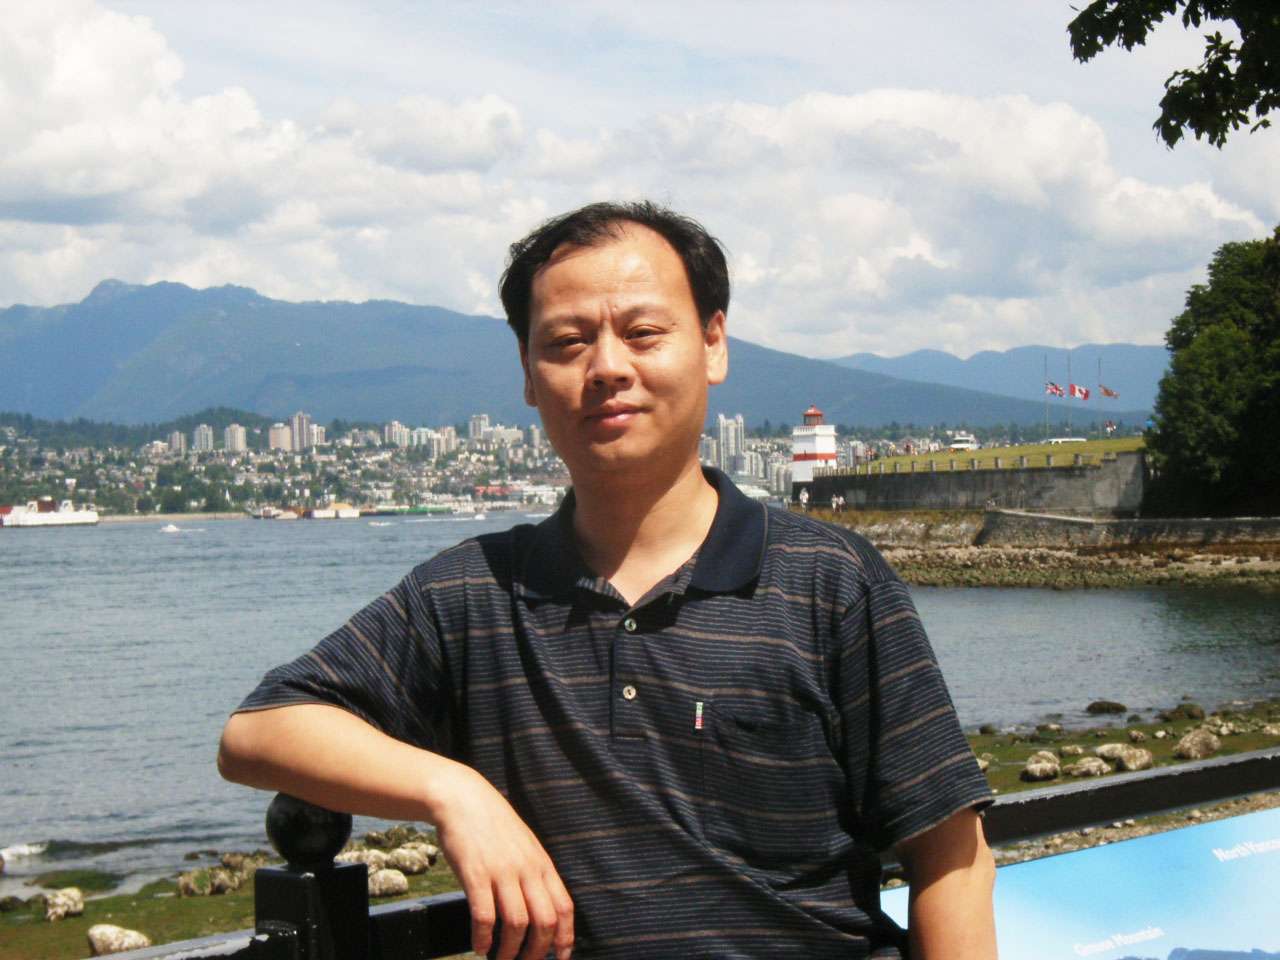 中国国际城市化发展战略研究委员会战略咨询委员,国家水利部新闻宣传中心主任